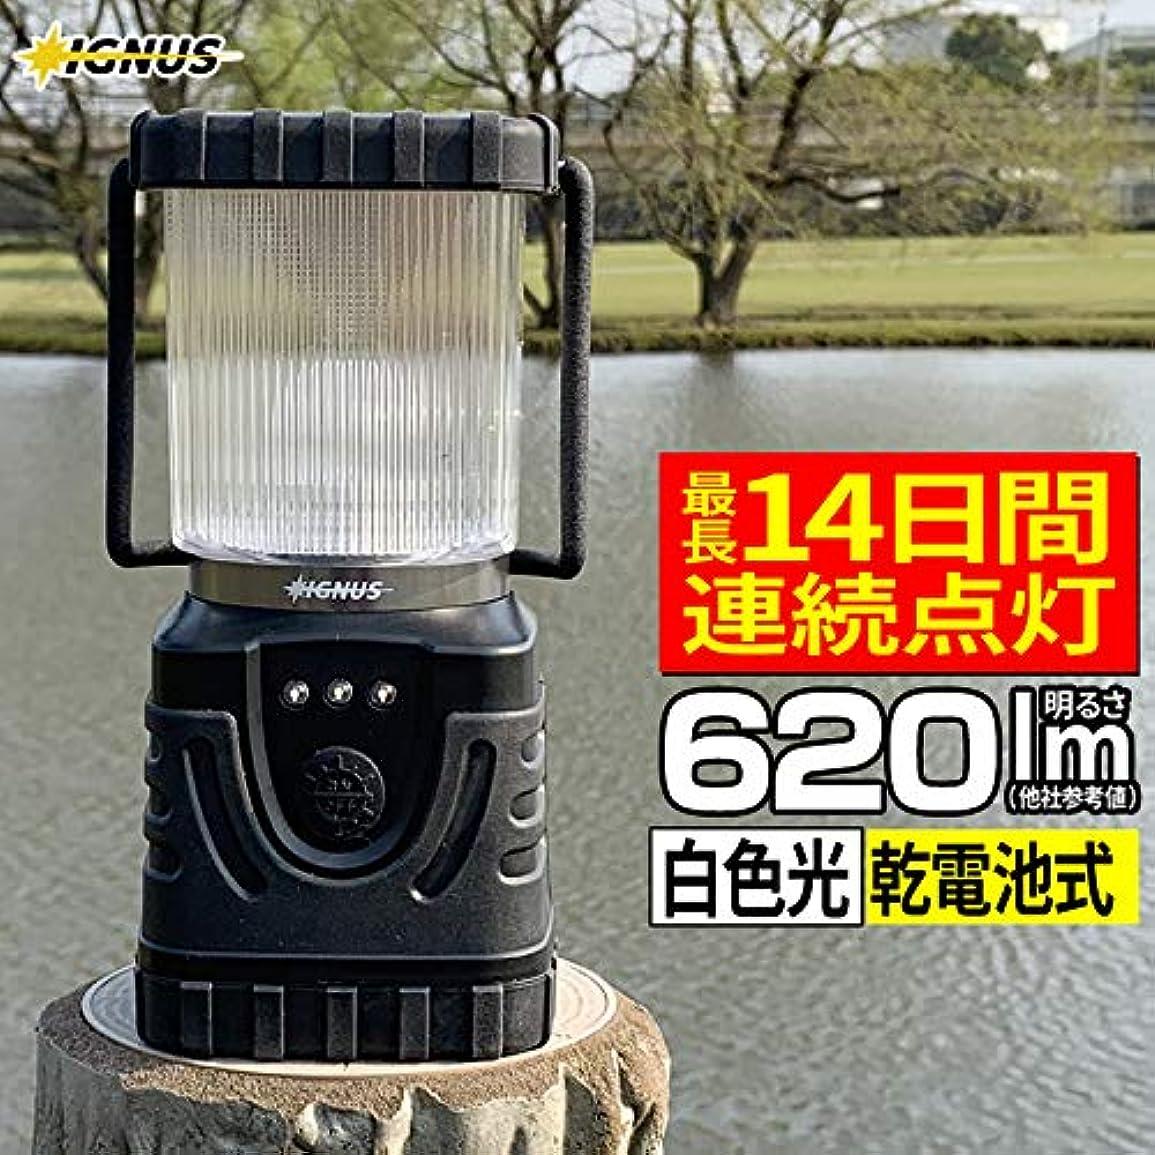 奨励します求めるもしIGNUS ランタン LEDランタン 懐中電灯 LED懐中電灯 暖色LEDランタン 620lm IG-T600SR SCRAMBLE fl-igl003